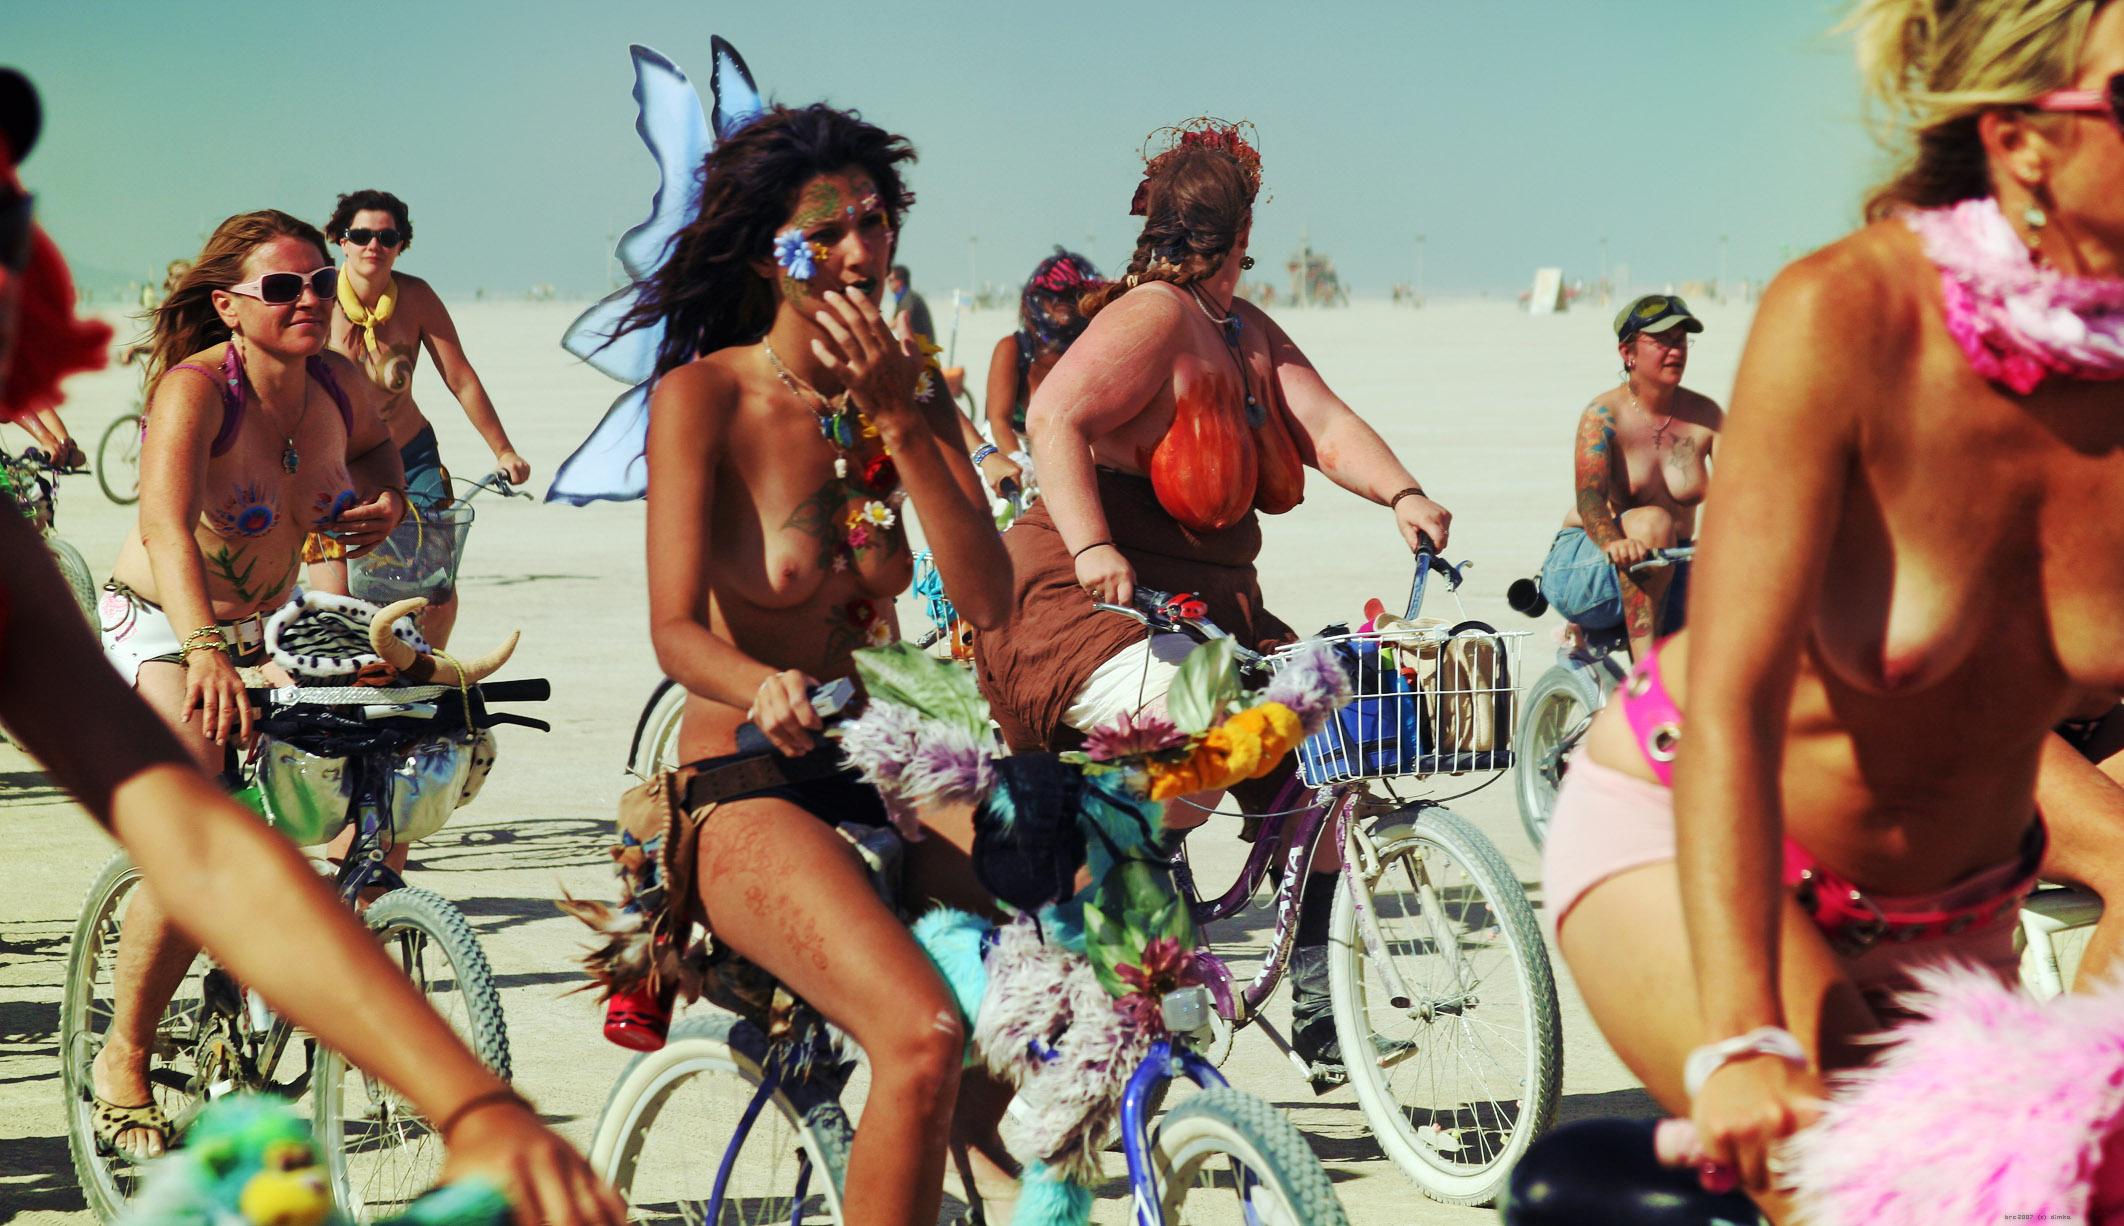 Man bike Burning naked